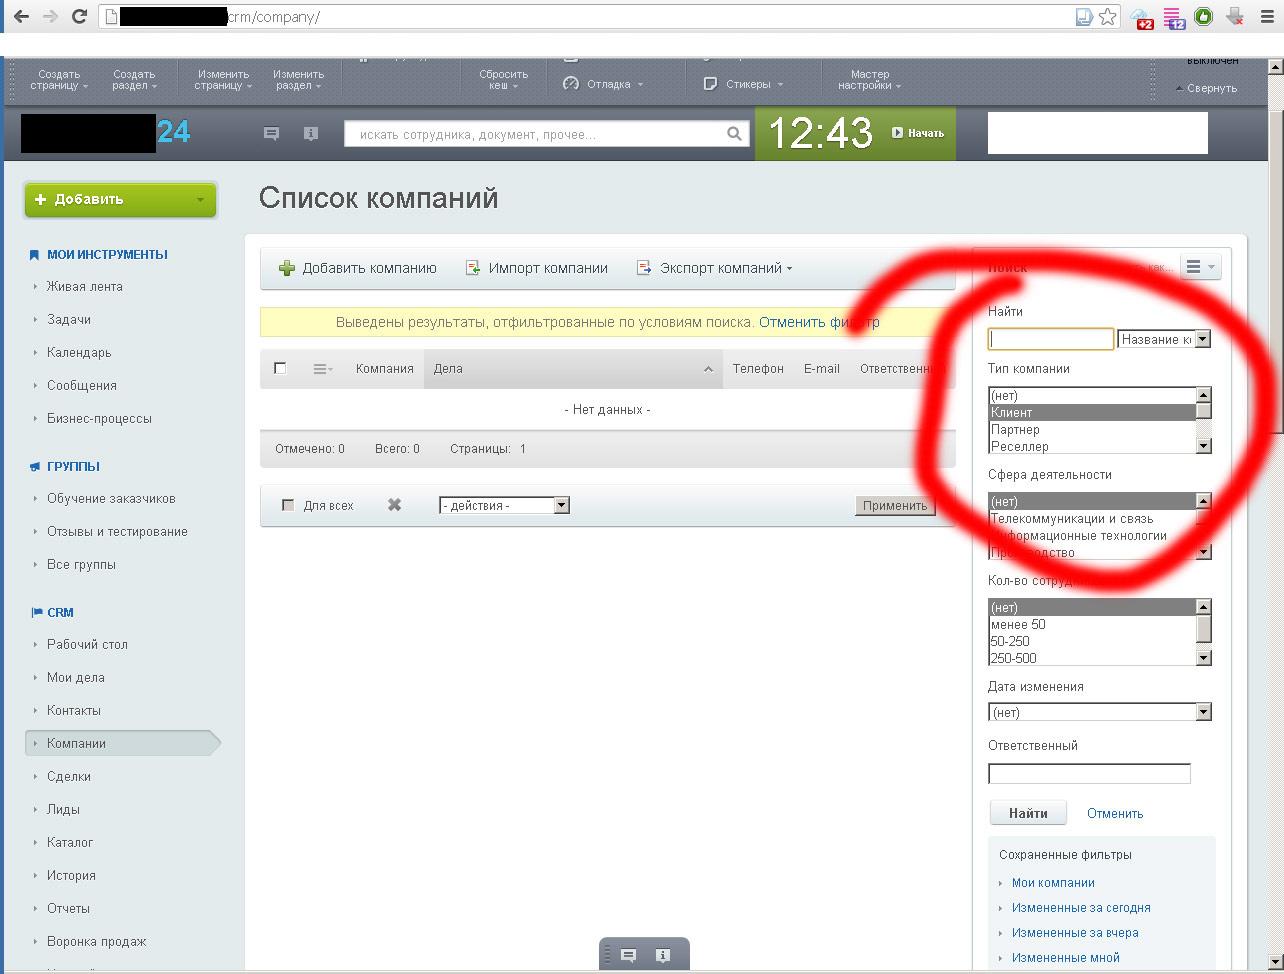 Не работает поиск на сайте битрикс битрикс как добавить новую категорию